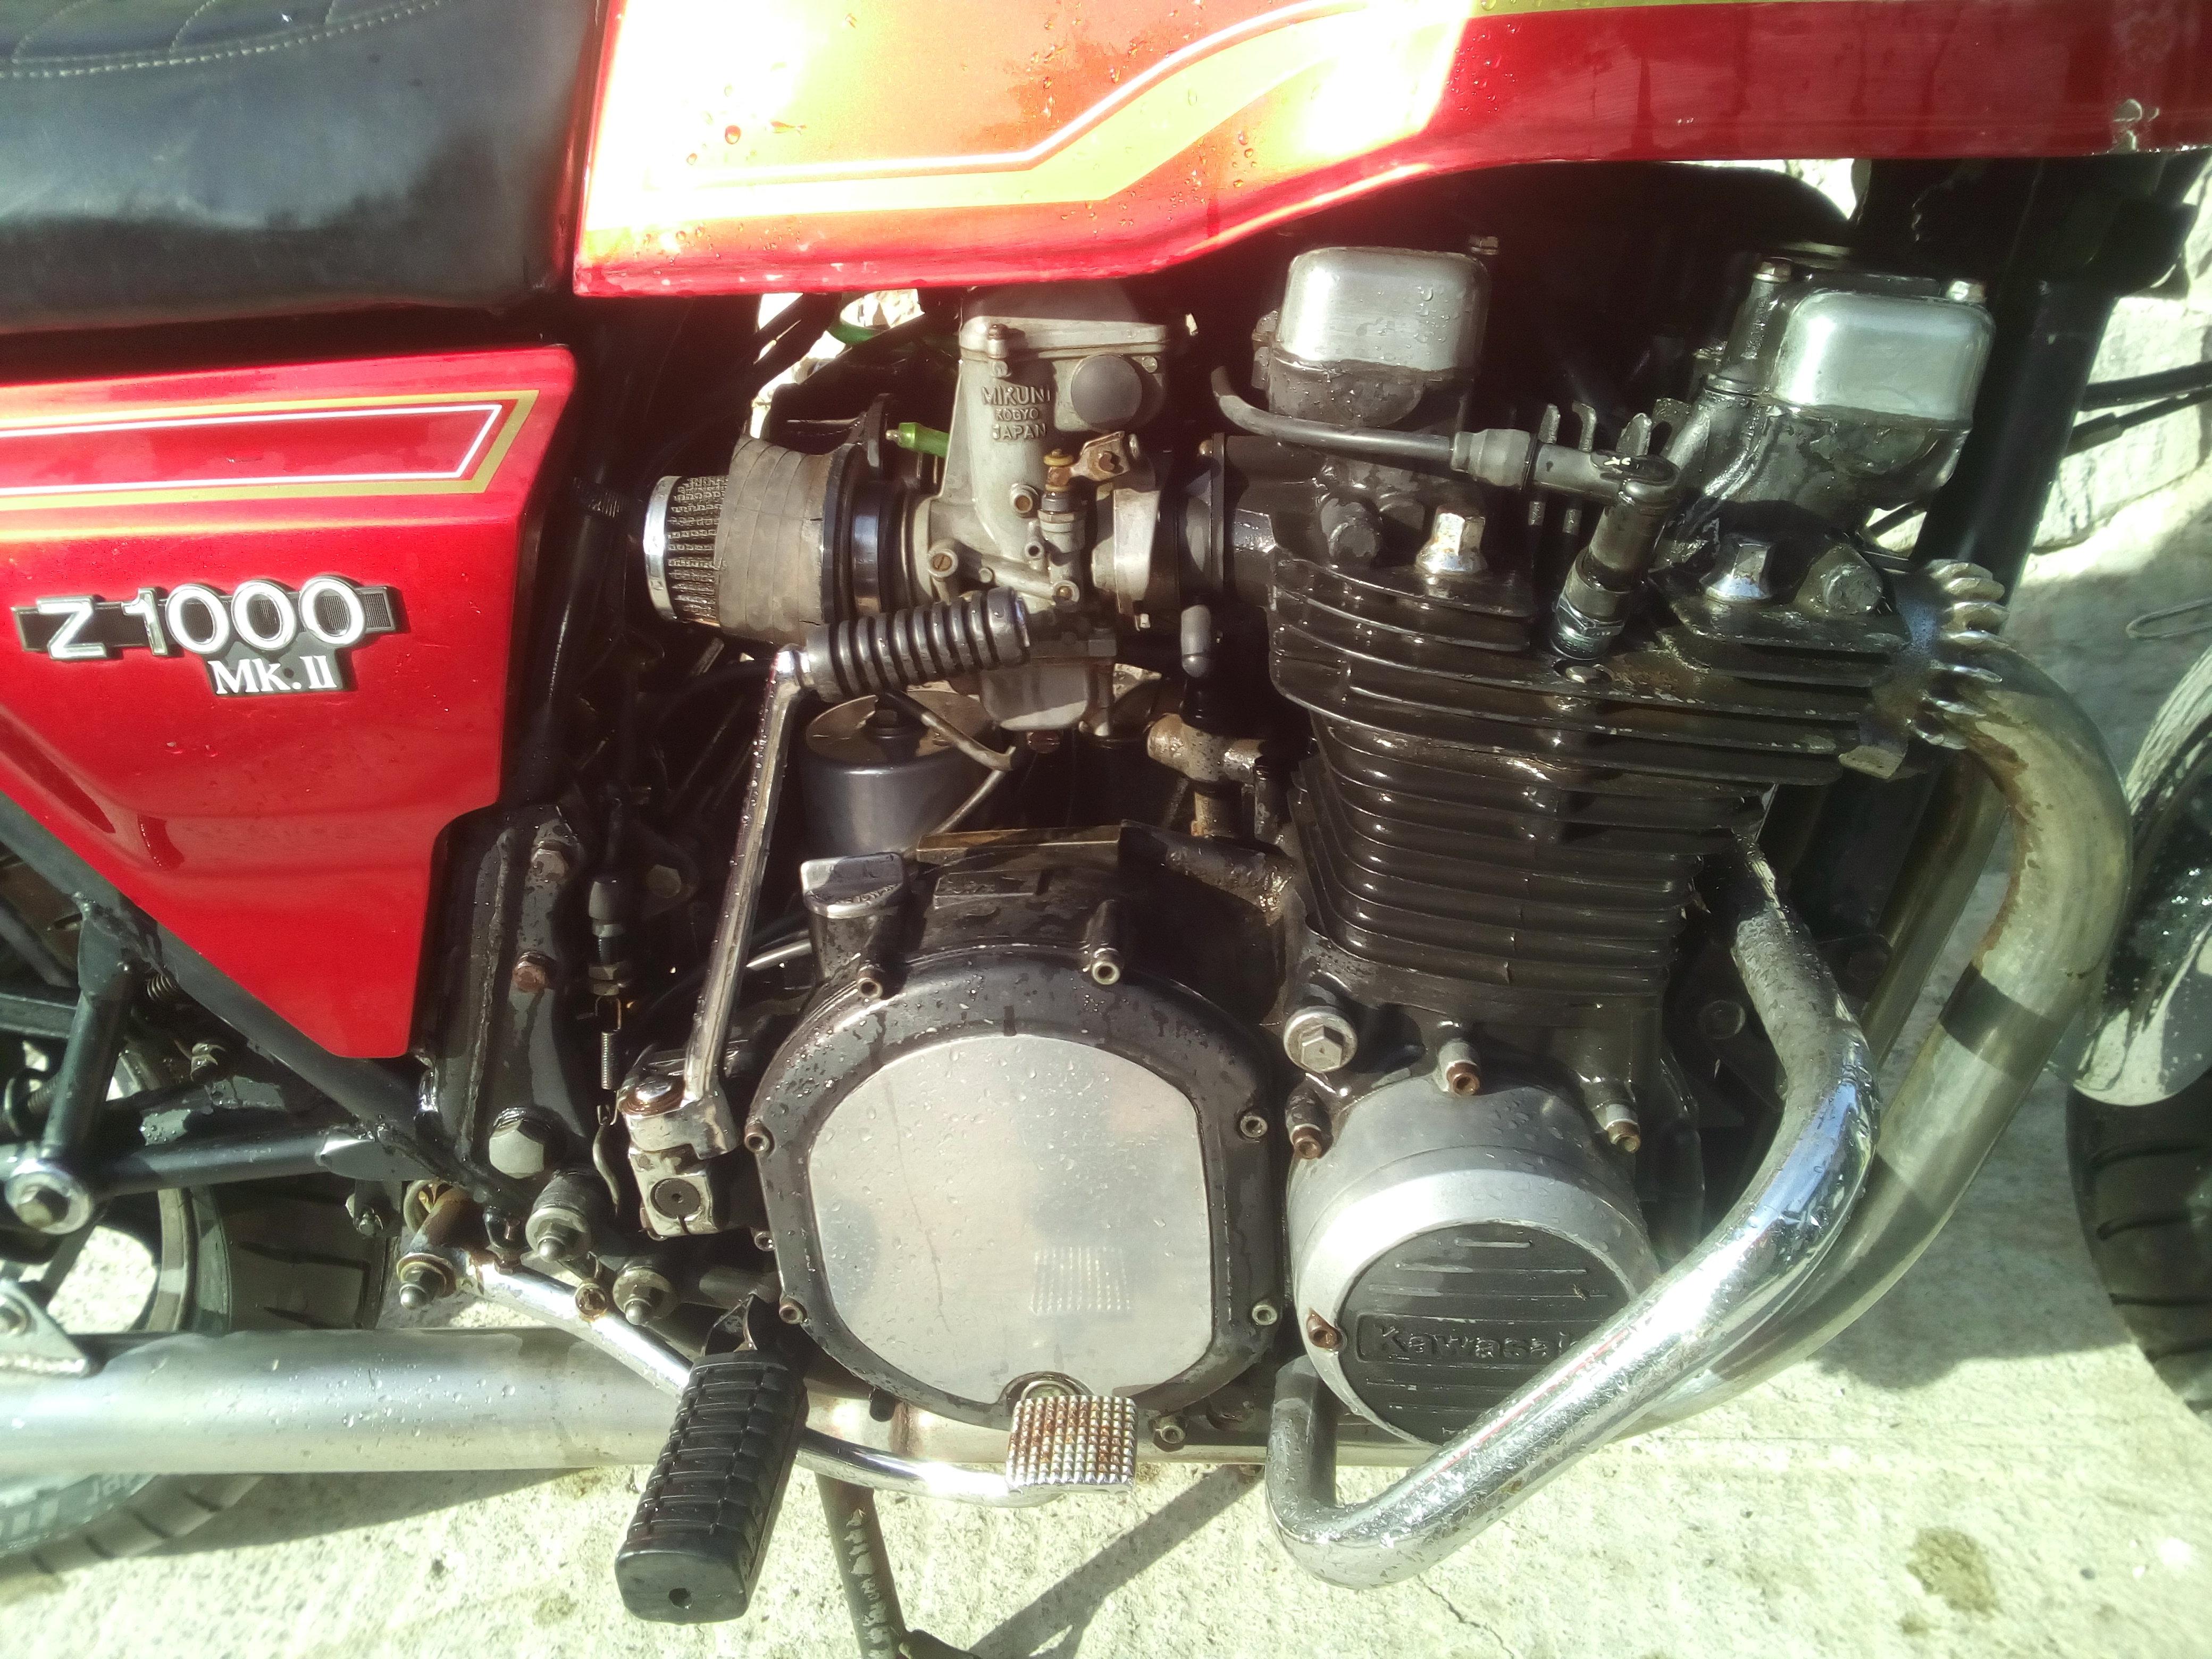 Kawasaki Z1000 MK II